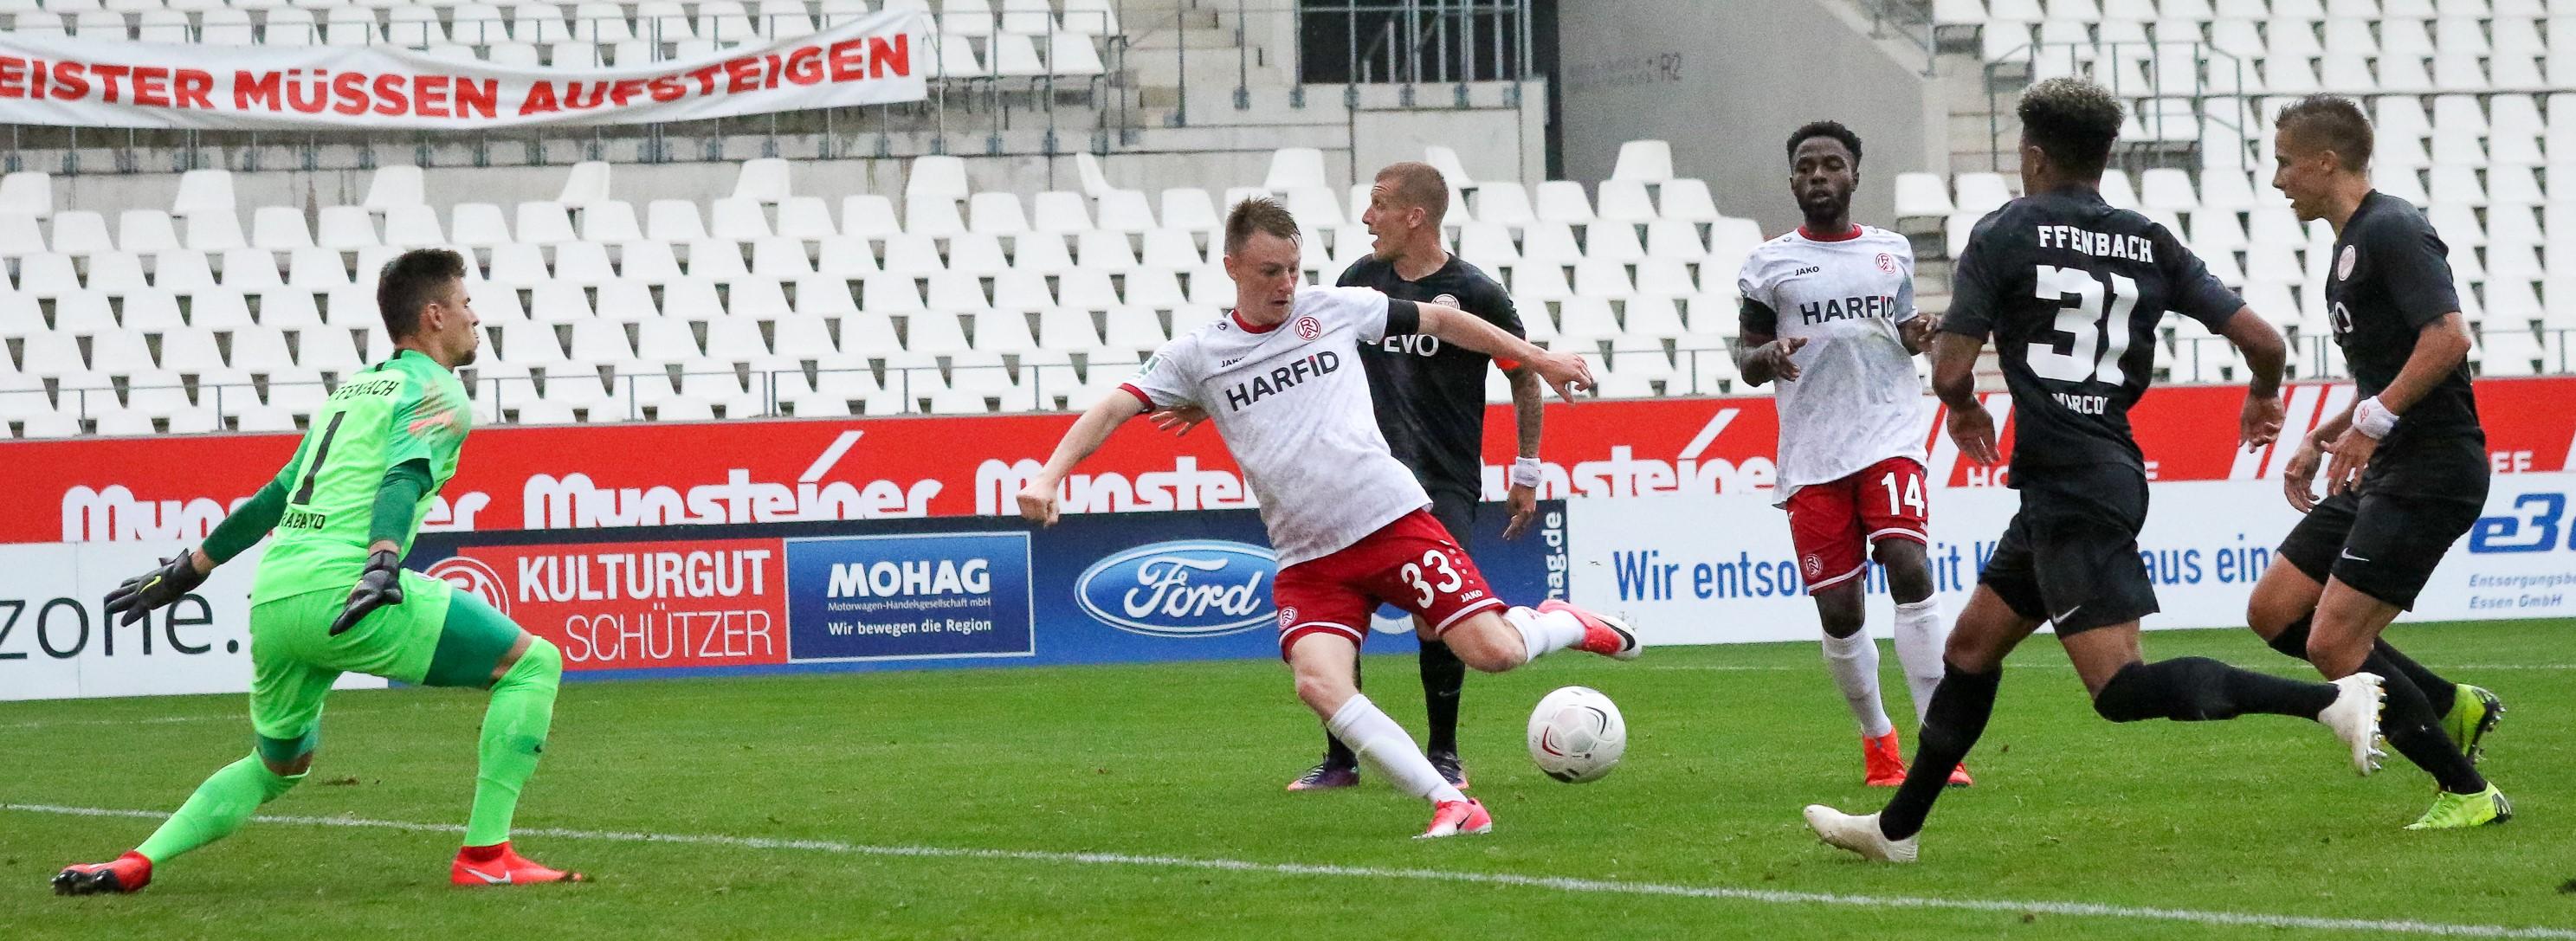 Bereits 2019 testete RWE in der Saisonvorbereitung gegen die Hessener Kickers Offenbach. (Foto: Endberg)